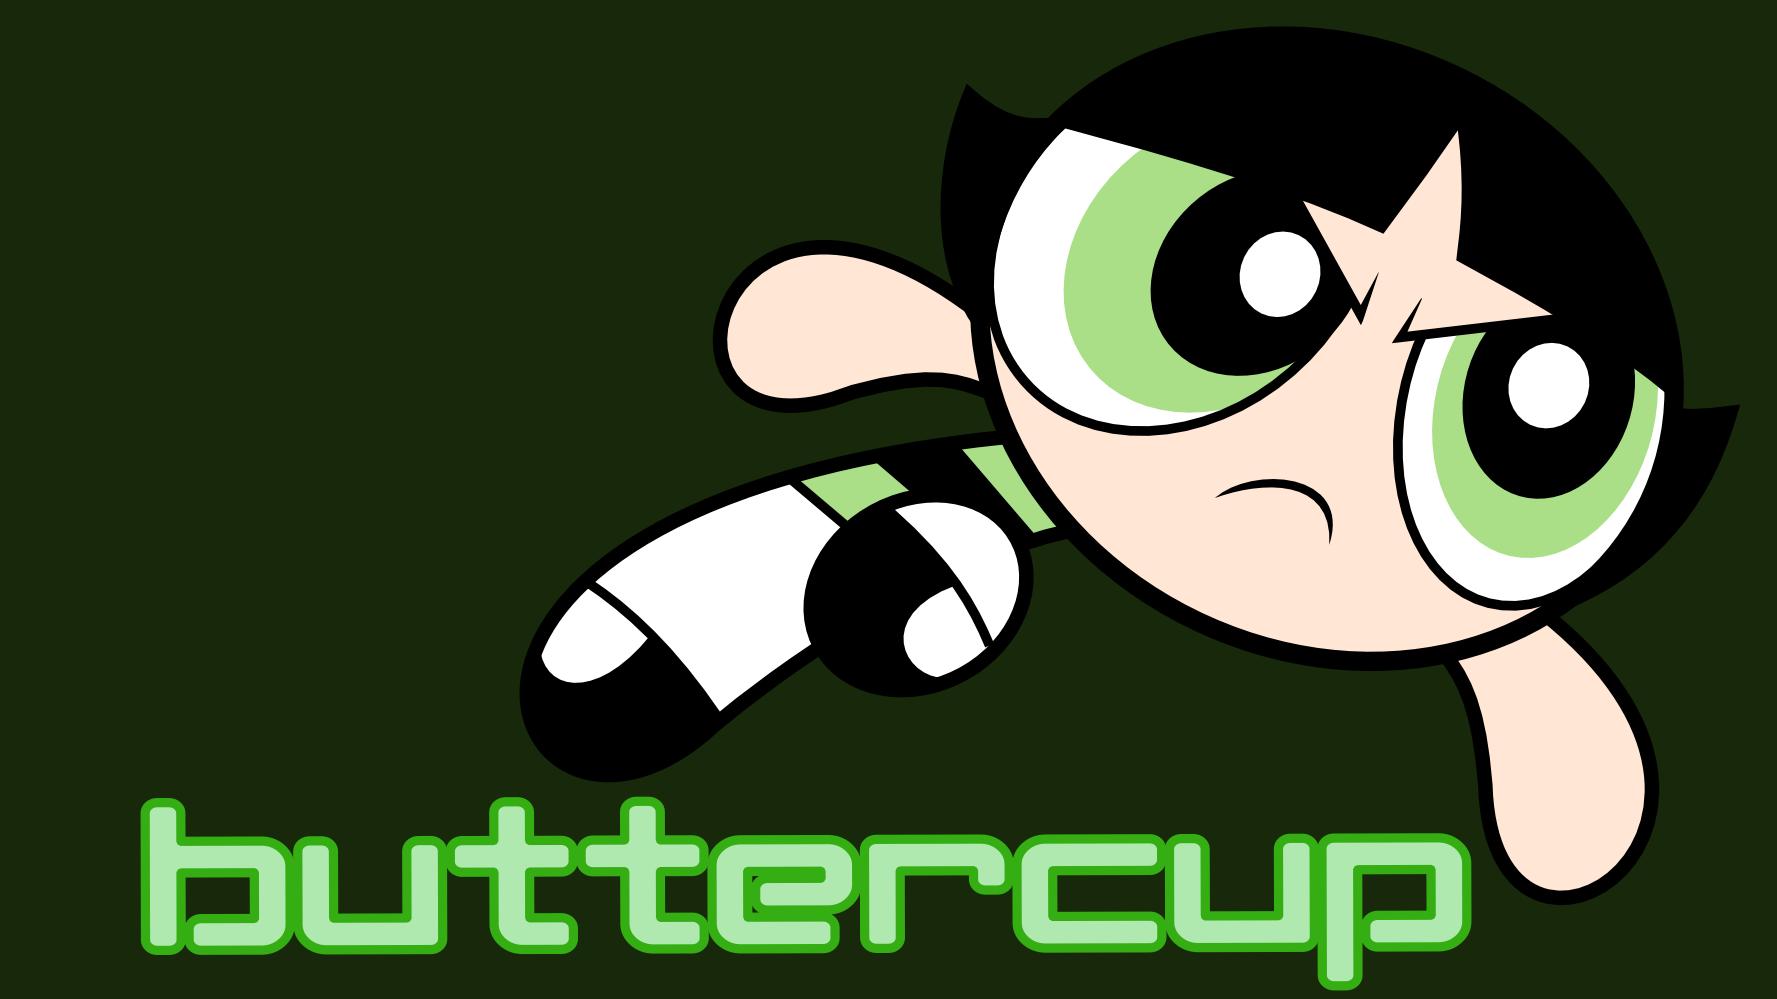 Buttercup Wallpaper by AJthePPGfan on DeviantArt  |Powerpuff Girls Buttercup Wallpaper